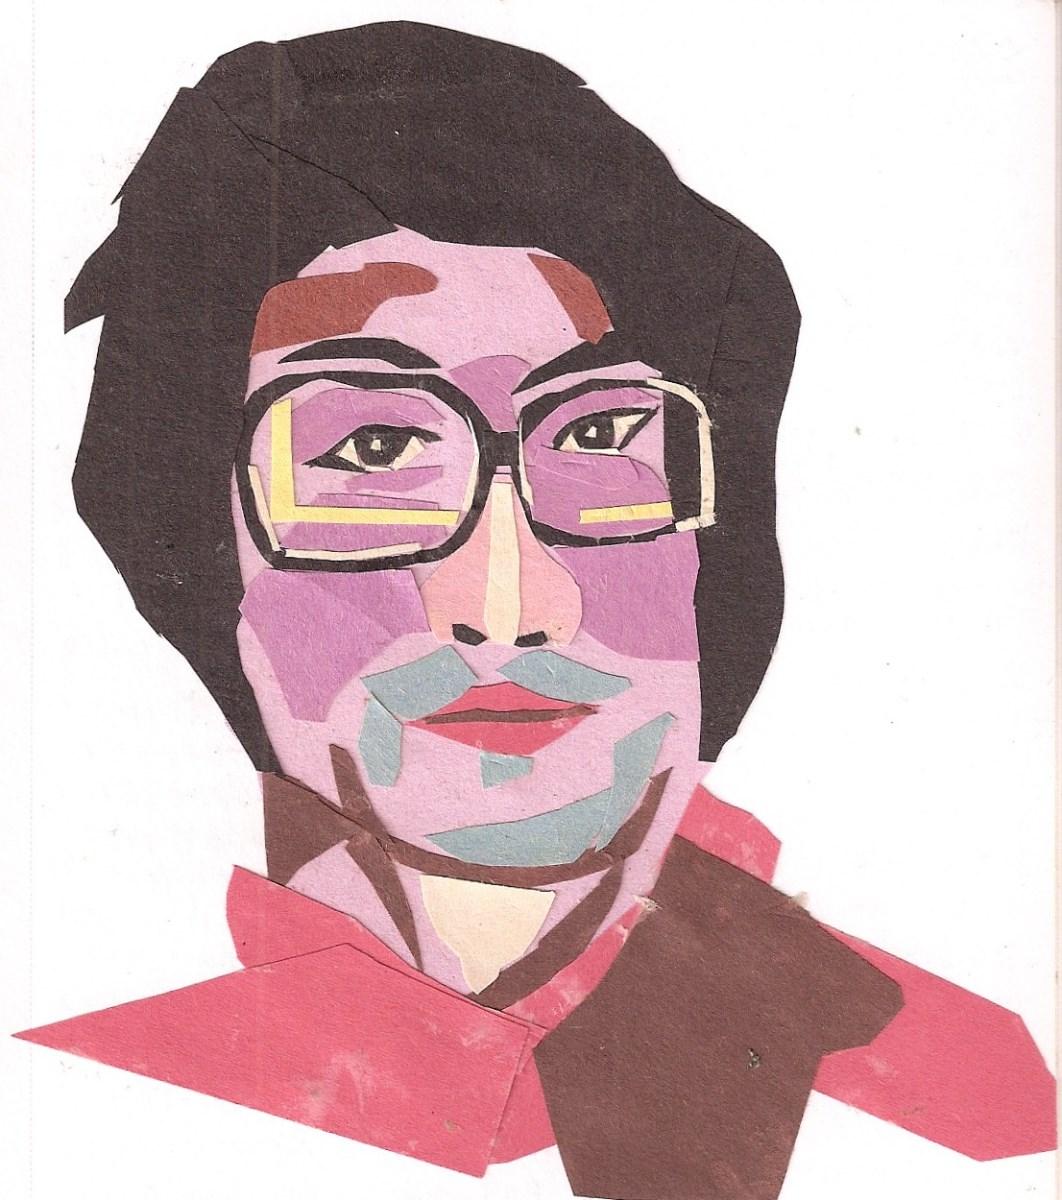 Shinsuke Takasaki (źródło: materiały prasowe)